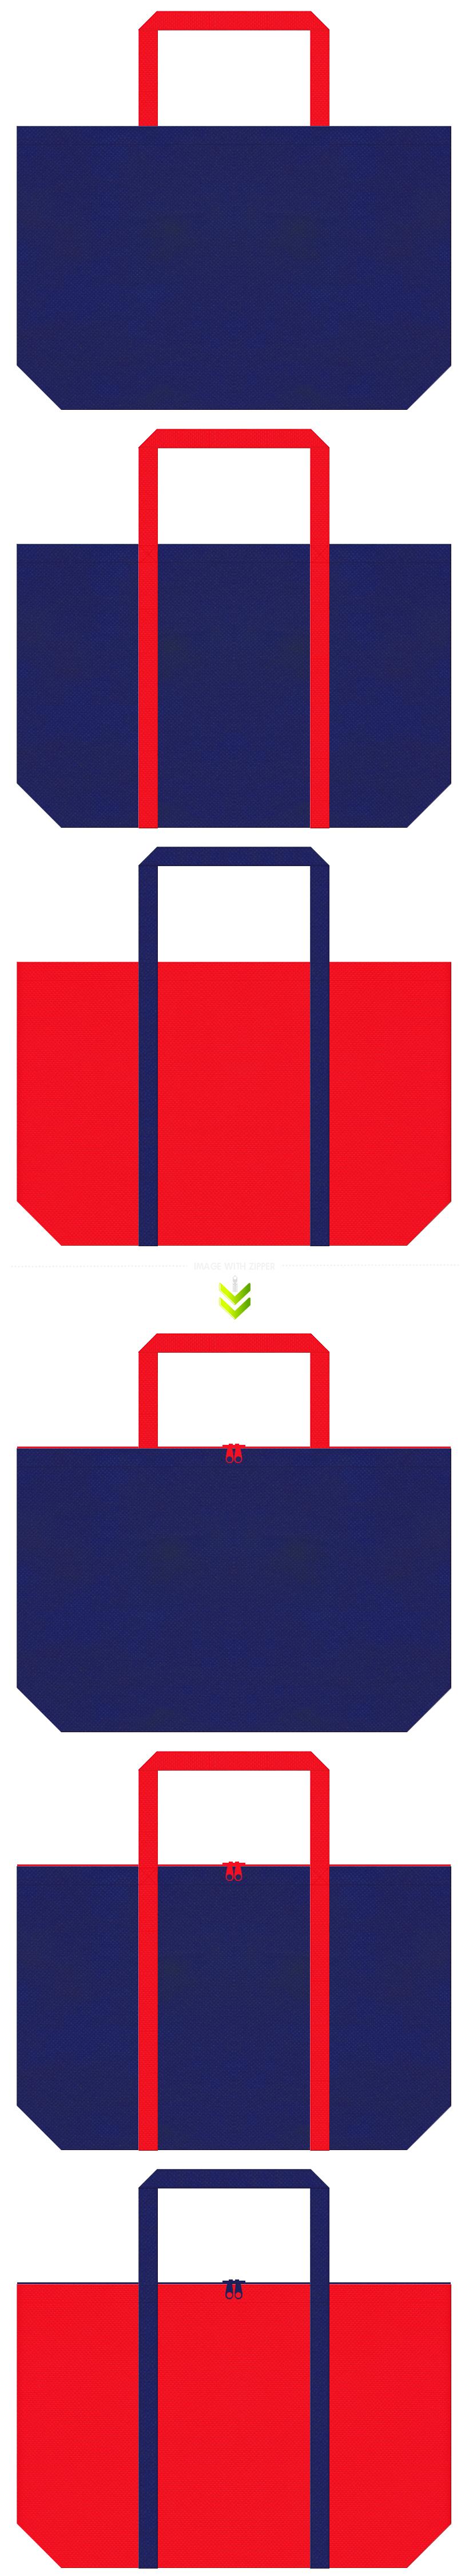 夏祭り・縁日・法被・花火大会・金魚すくい・サマーイベントにお奨めの不織布バッグデザイン:明るい紺色と赤色のコーデ